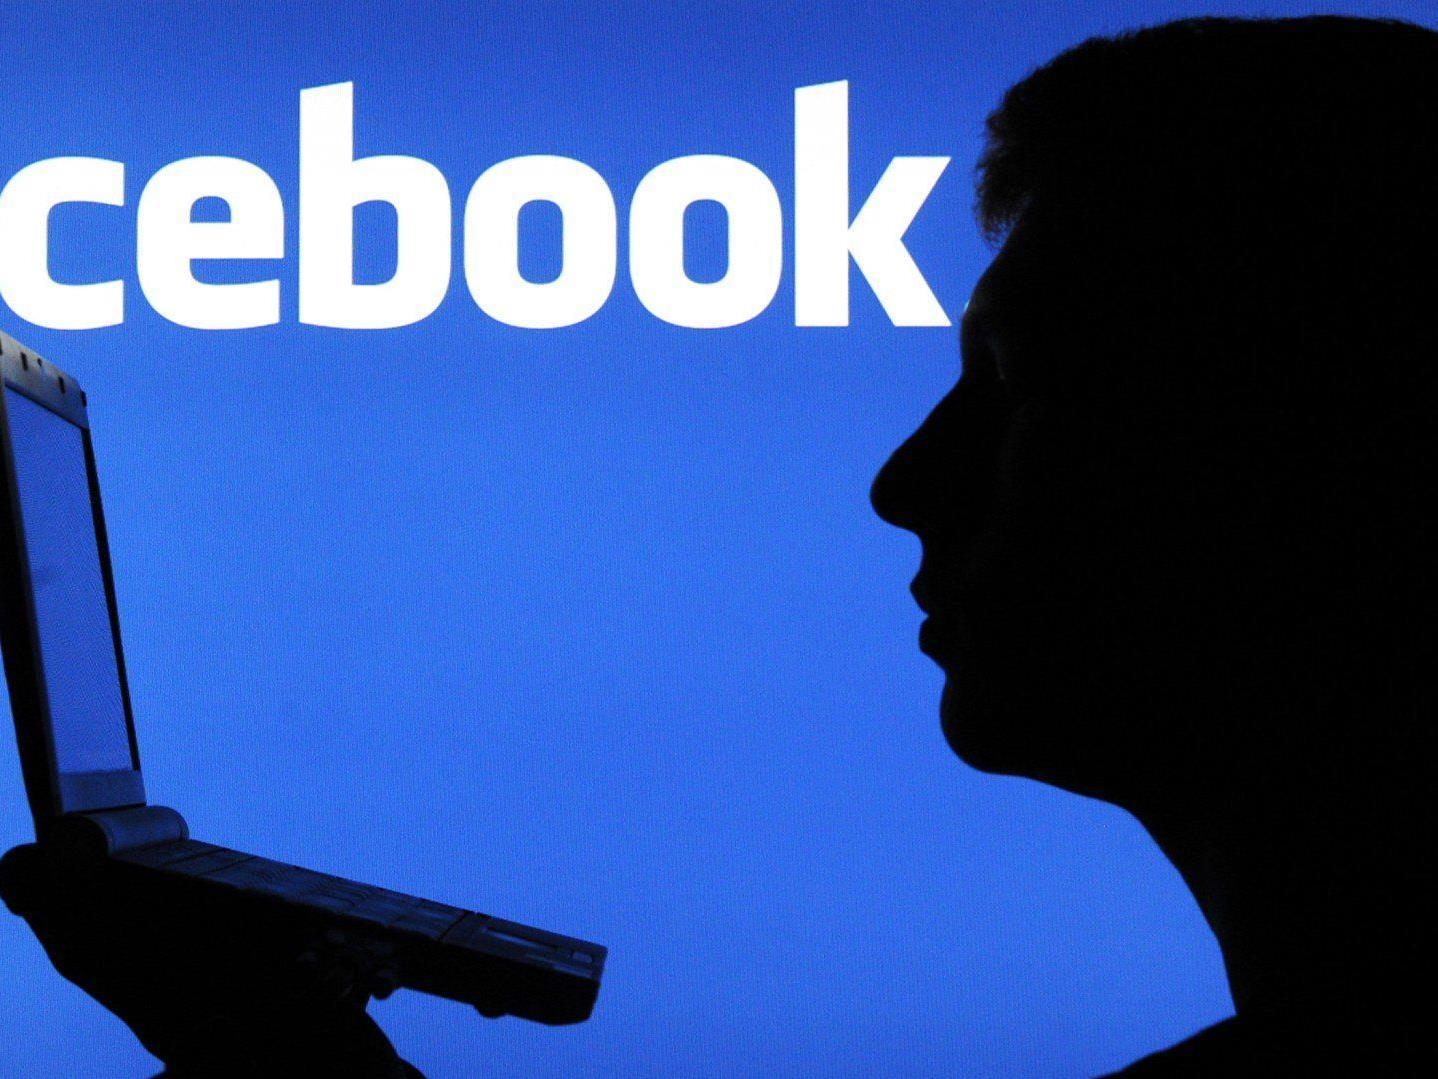 Vorarlberger Polizei weist darauf hin, mit Informationen auf Facebook umsichtig umzugehen.